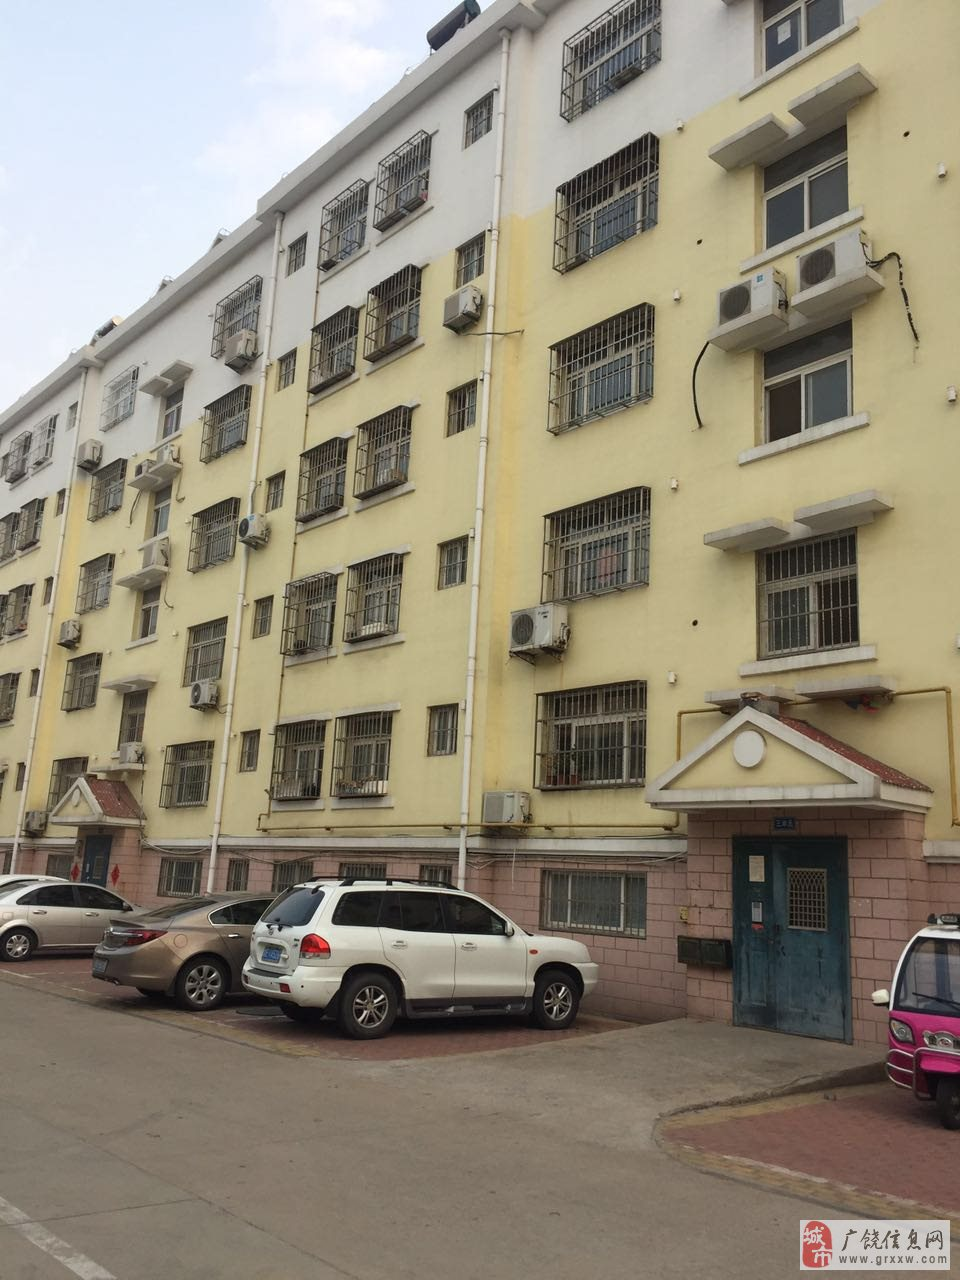 西苑二期3室2厅1卫58万元2楼87平方